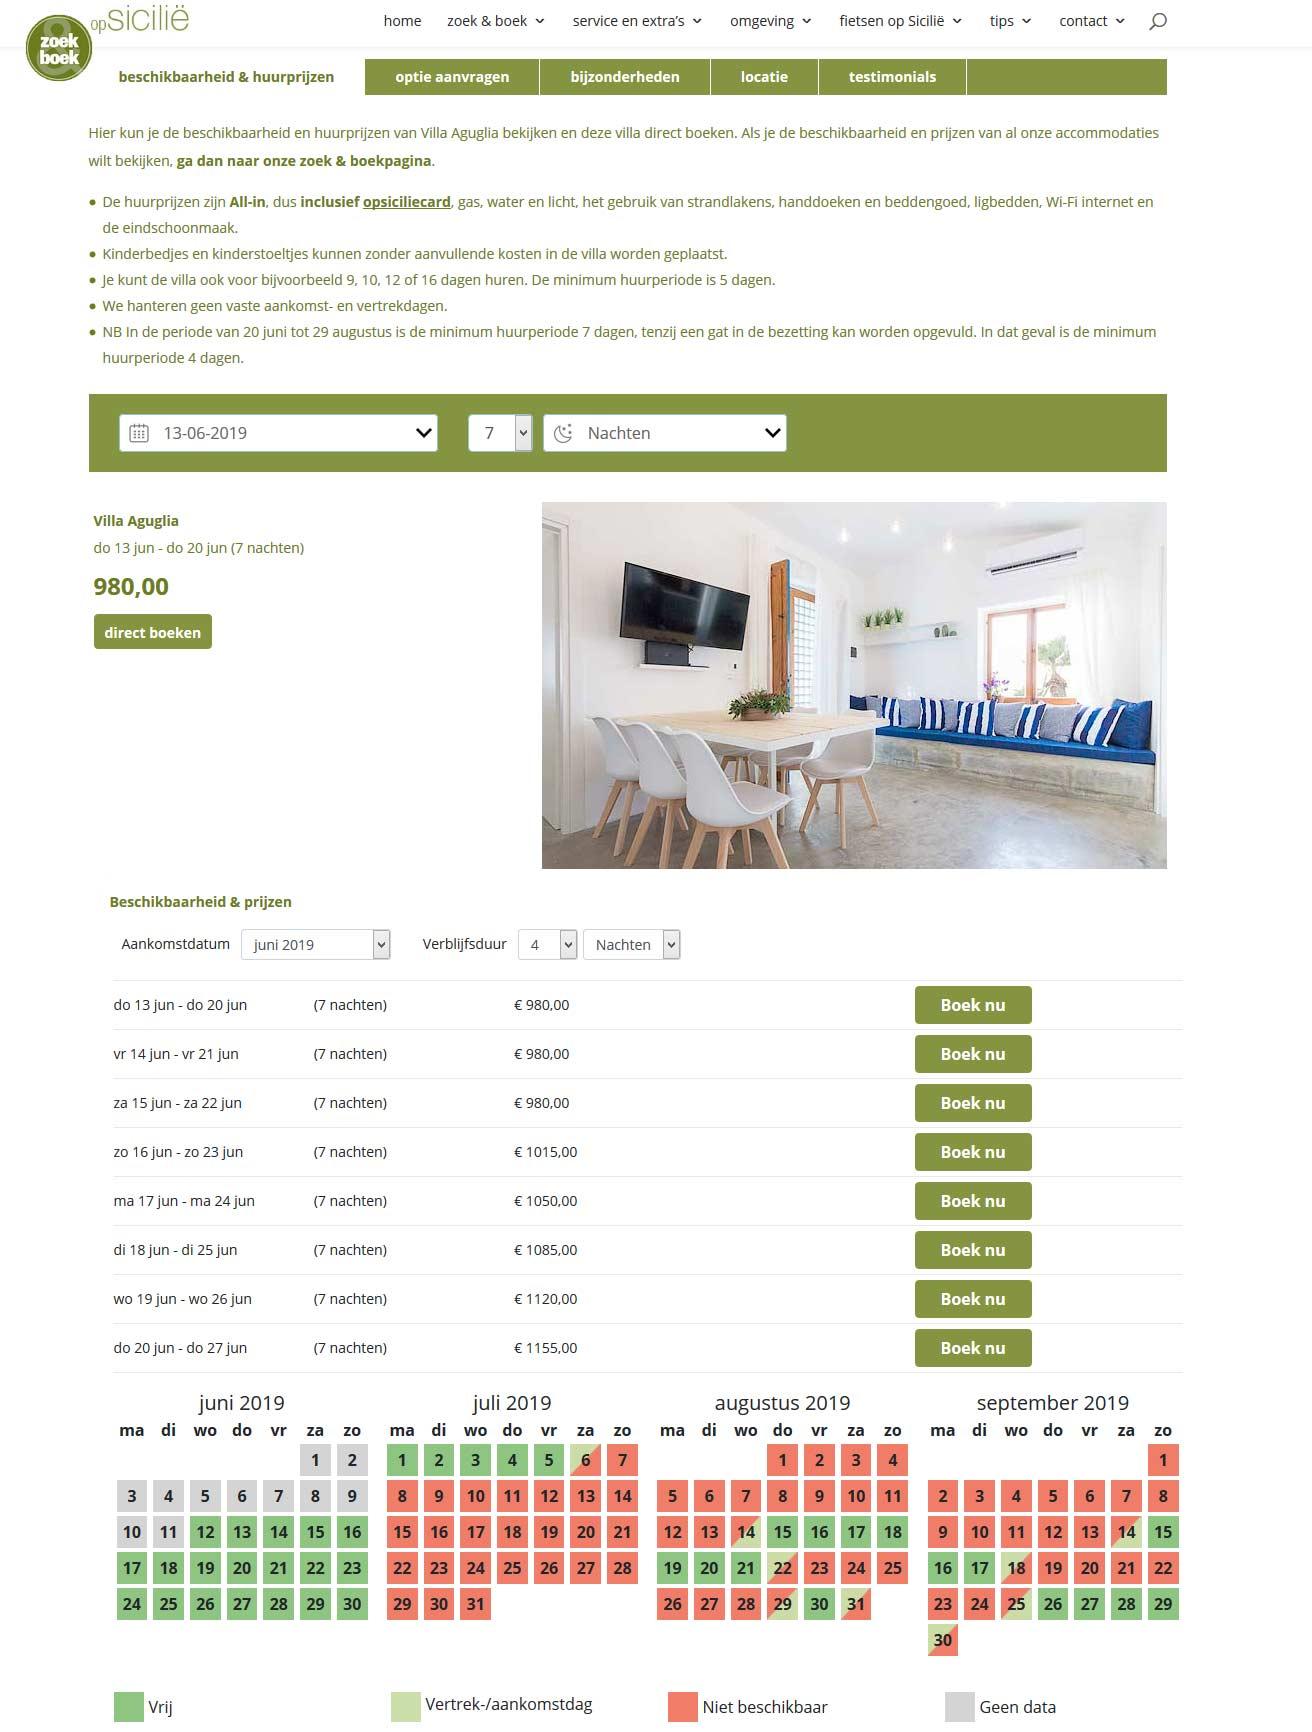 Boeken via de informatiepagina van de accommodatie